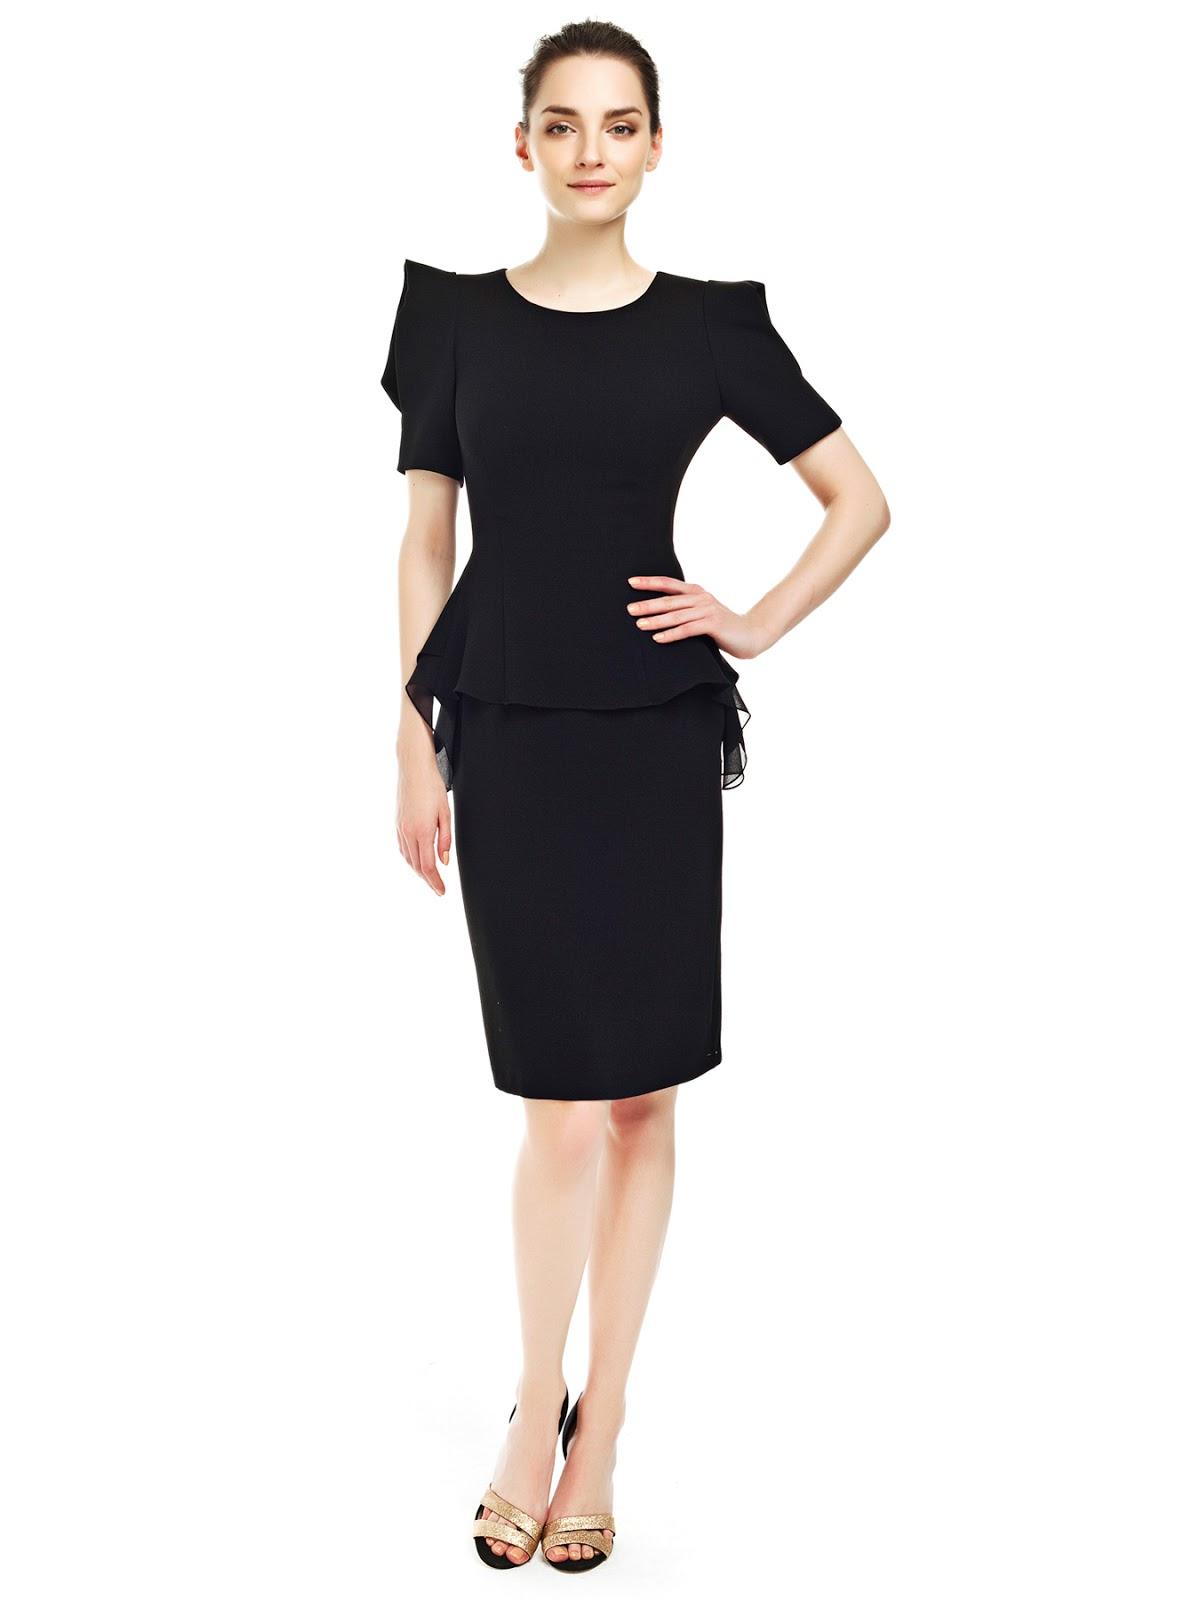 3304c046cde8d Aradığınız gün içinde giyilebicek bir elbise ise veya ofsi için şık kemerli  bir elbise arıyorsanız, sahilde herşeyi unutup beyaz elbisesinizle yürümek  ...